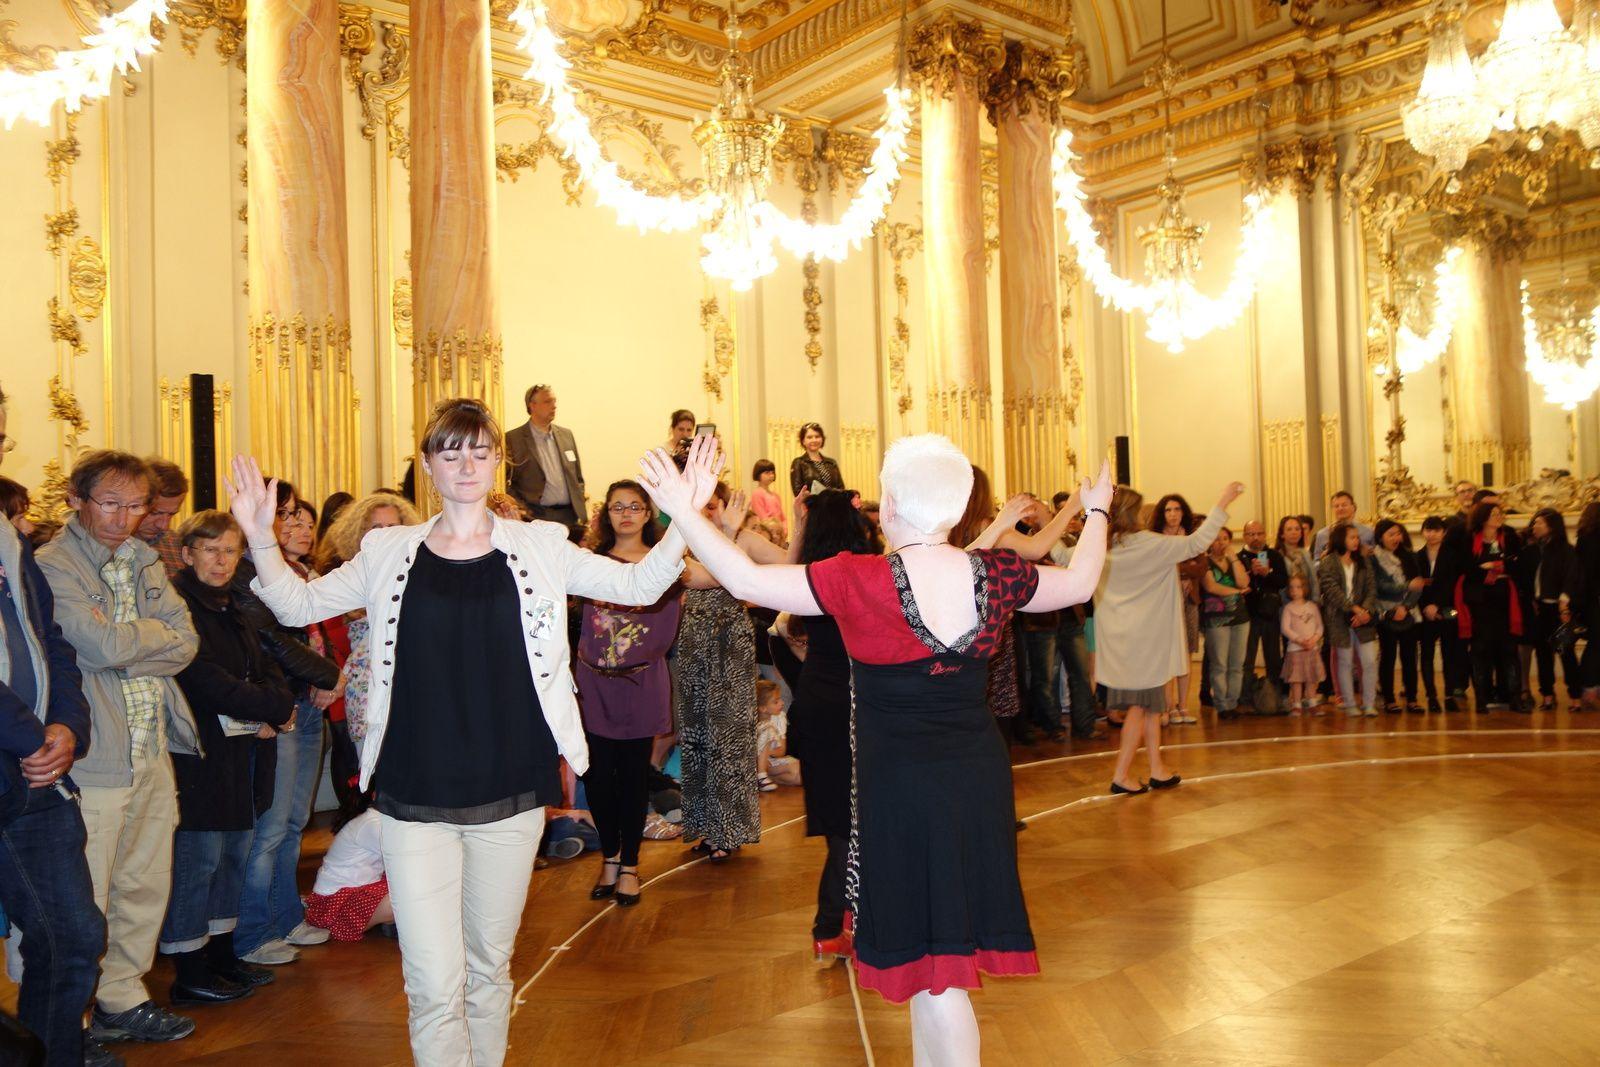 premiers pas de danse dans la salle des Fêtes